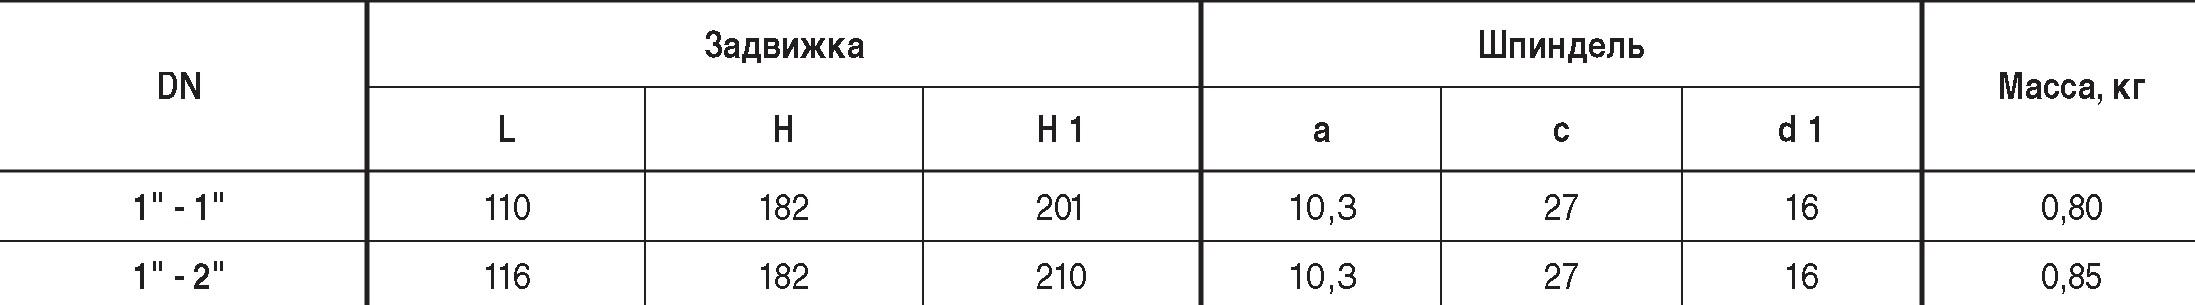 Таблица характеристик для Вентиль Hawle 2650 из полиацетата внешняя резьба с двух сторон